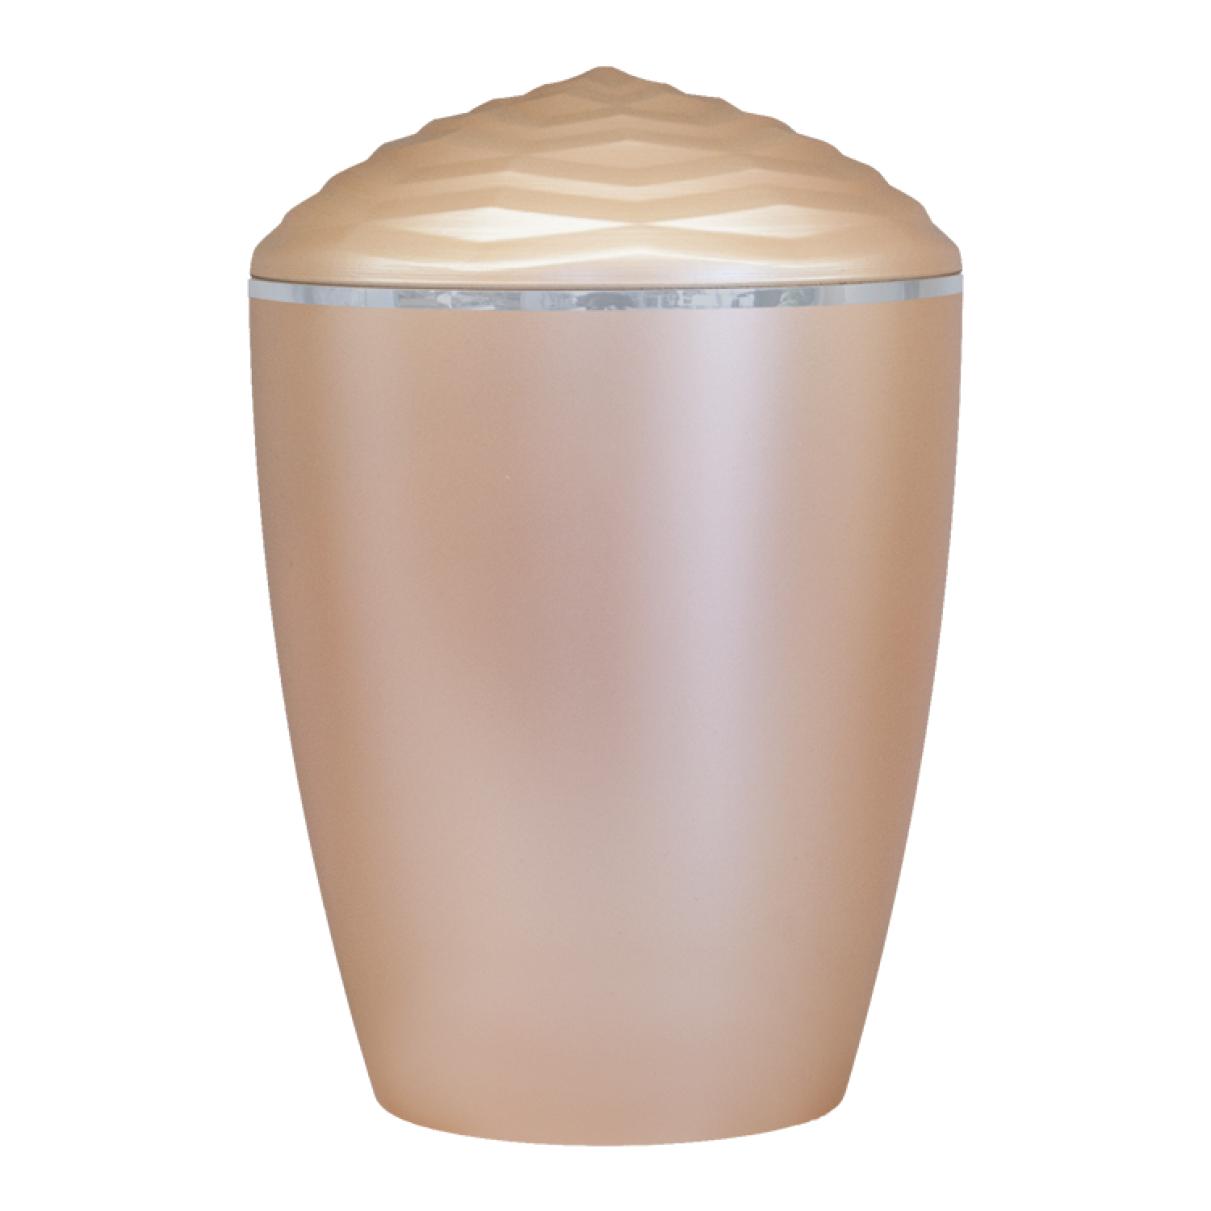 Forest Silver Band Bio Cremation Urn – Beige